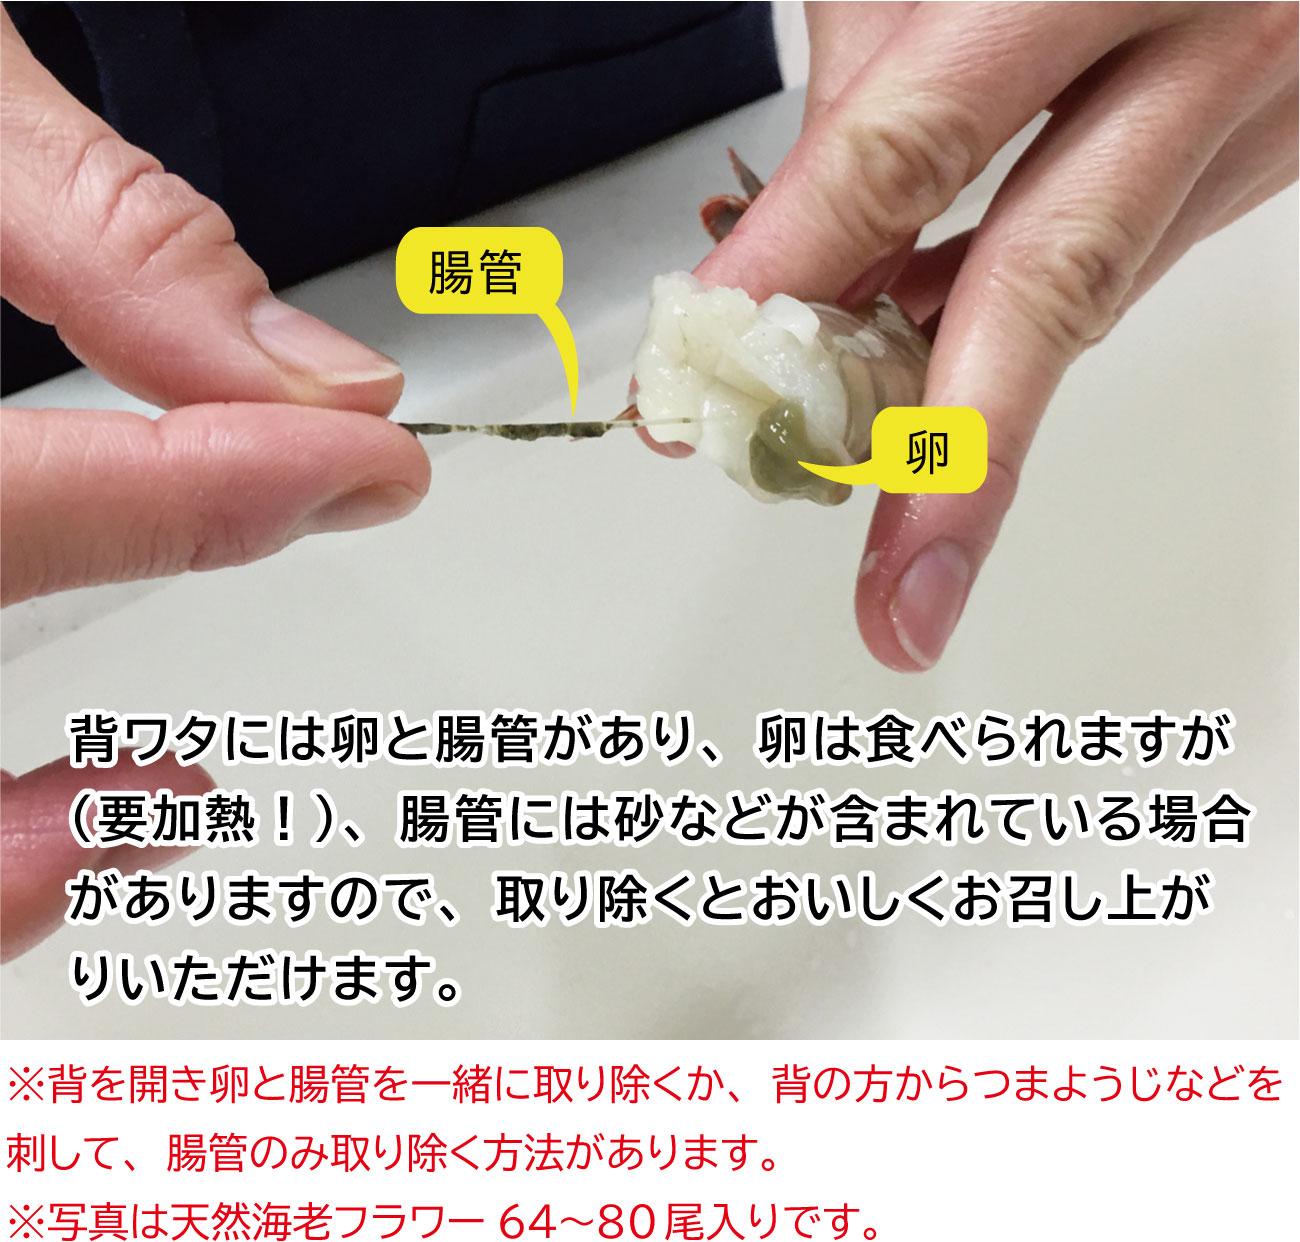 フラワー64〜80えびの卵と腸管(説明文あり)